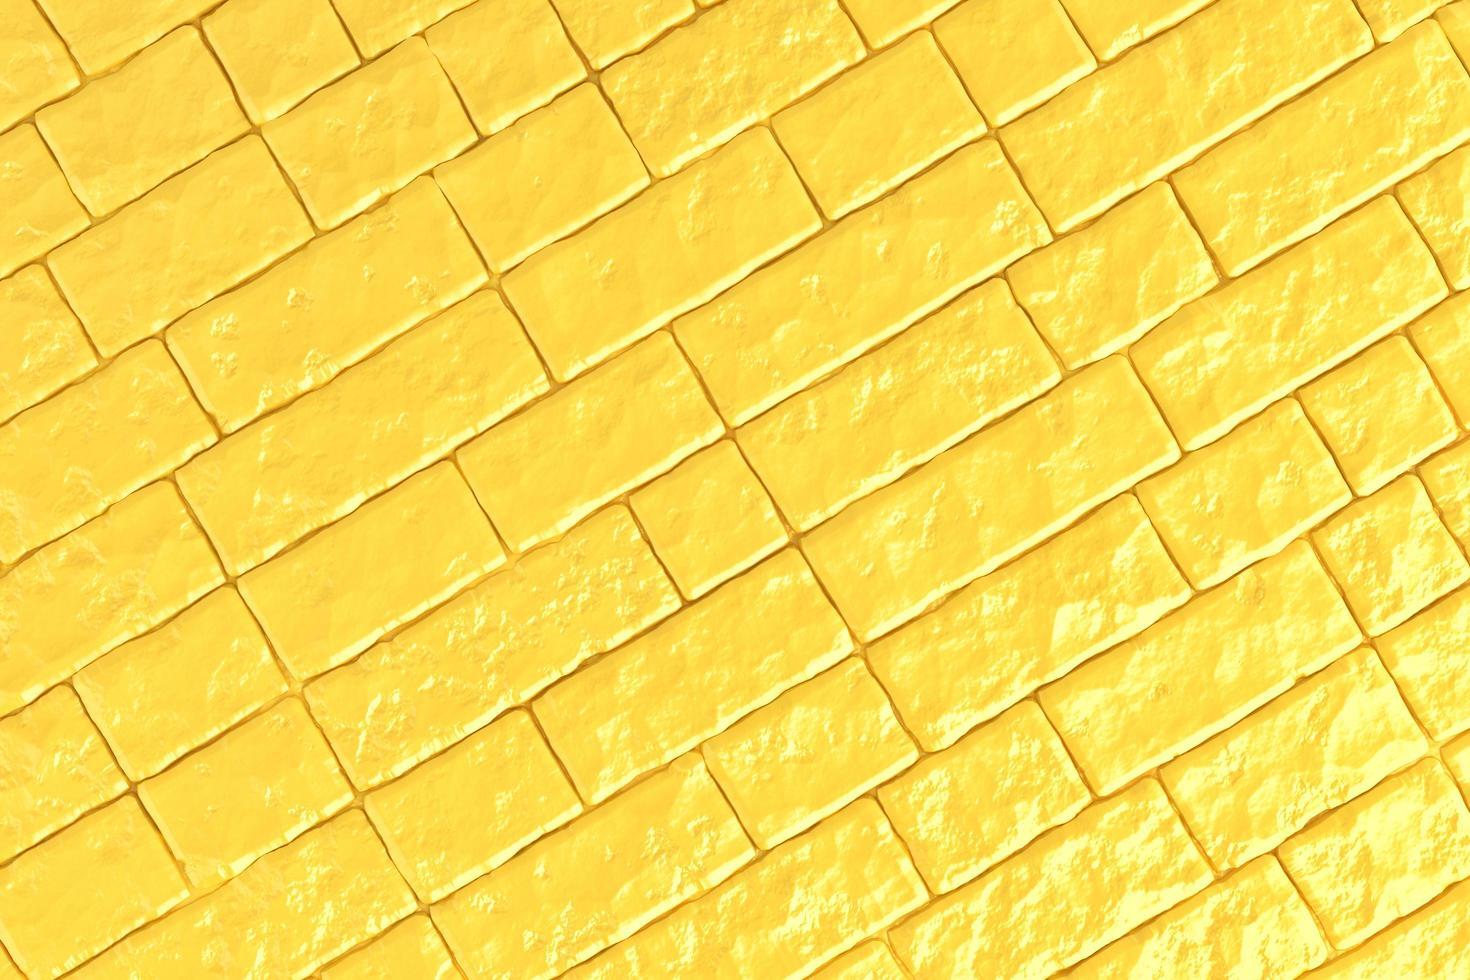 3d illustratie van een gele bakstenen muur foto